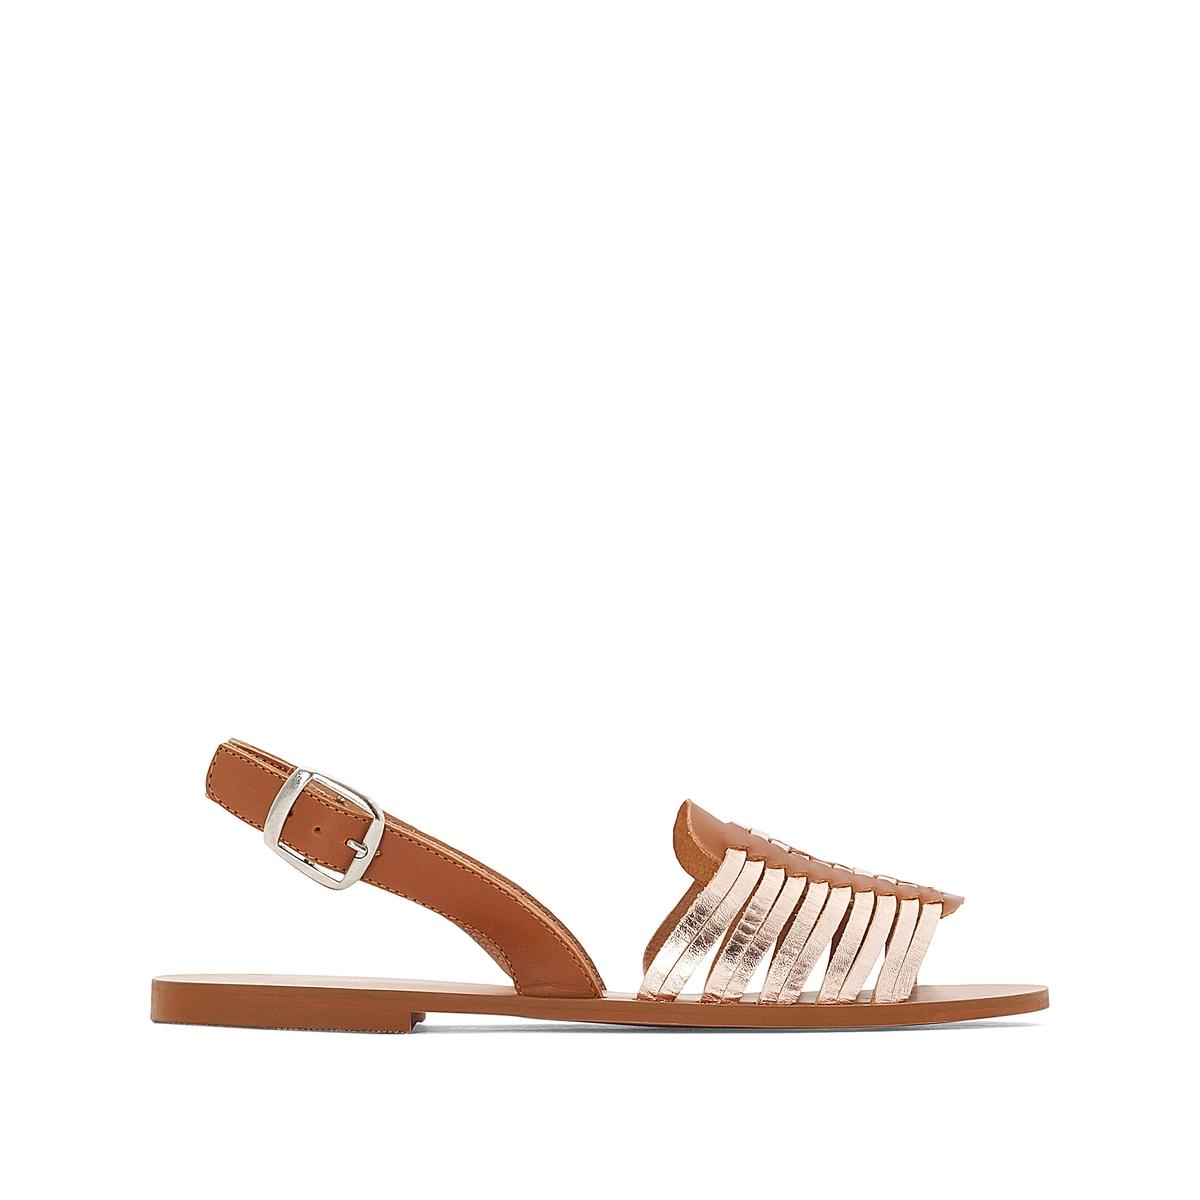 Босоножки кожаные с металлическими деталями на плоском каблуке сапоги кожаные на плоском каблуке 1137